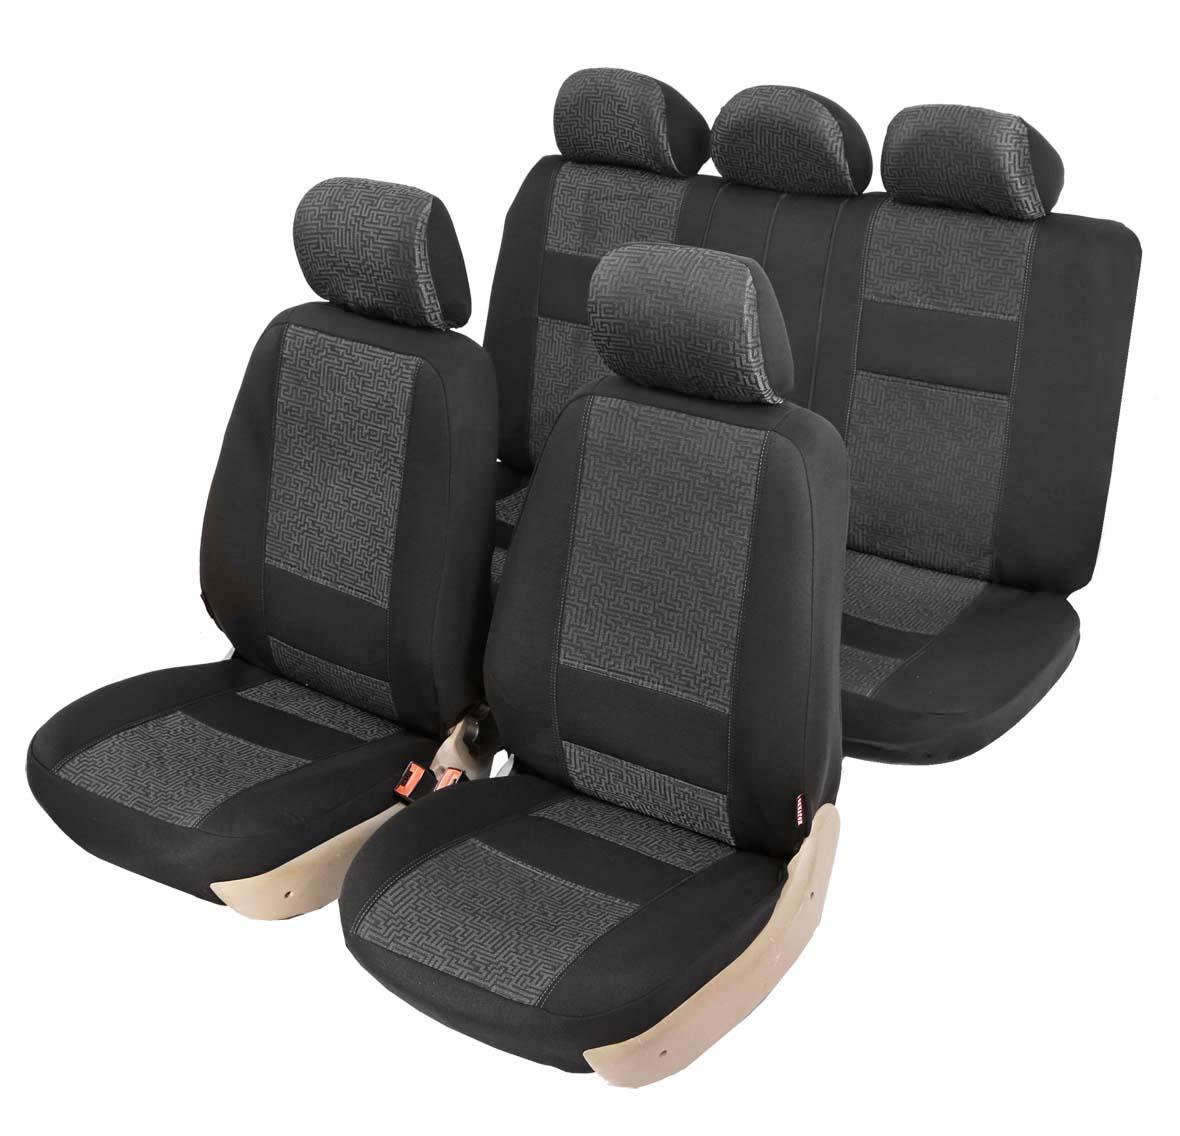 """Чехол на автомобильное кресло универсальный Senator """"Kanzas"""", размер M, 11 предметов, карман, 6 молний, цвет: серый"""